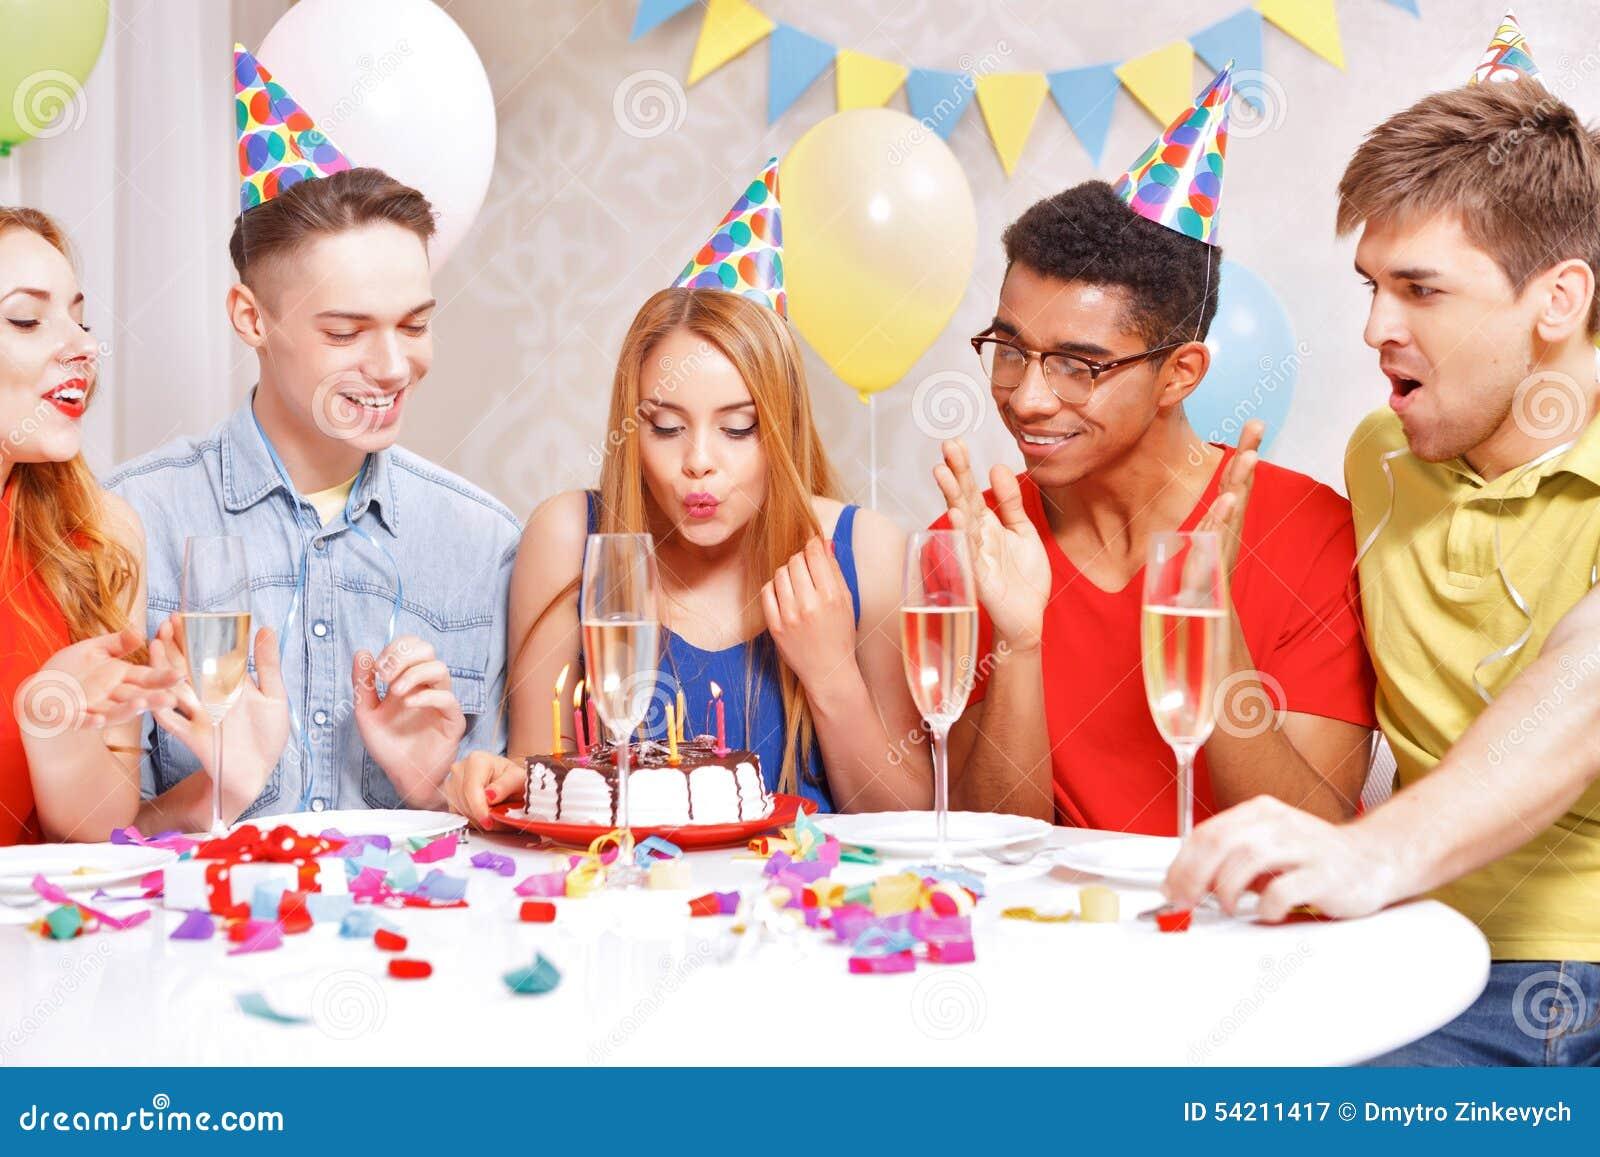 Νέοι που γιορτάζουν μια συνεδρίαση γενεθλίων